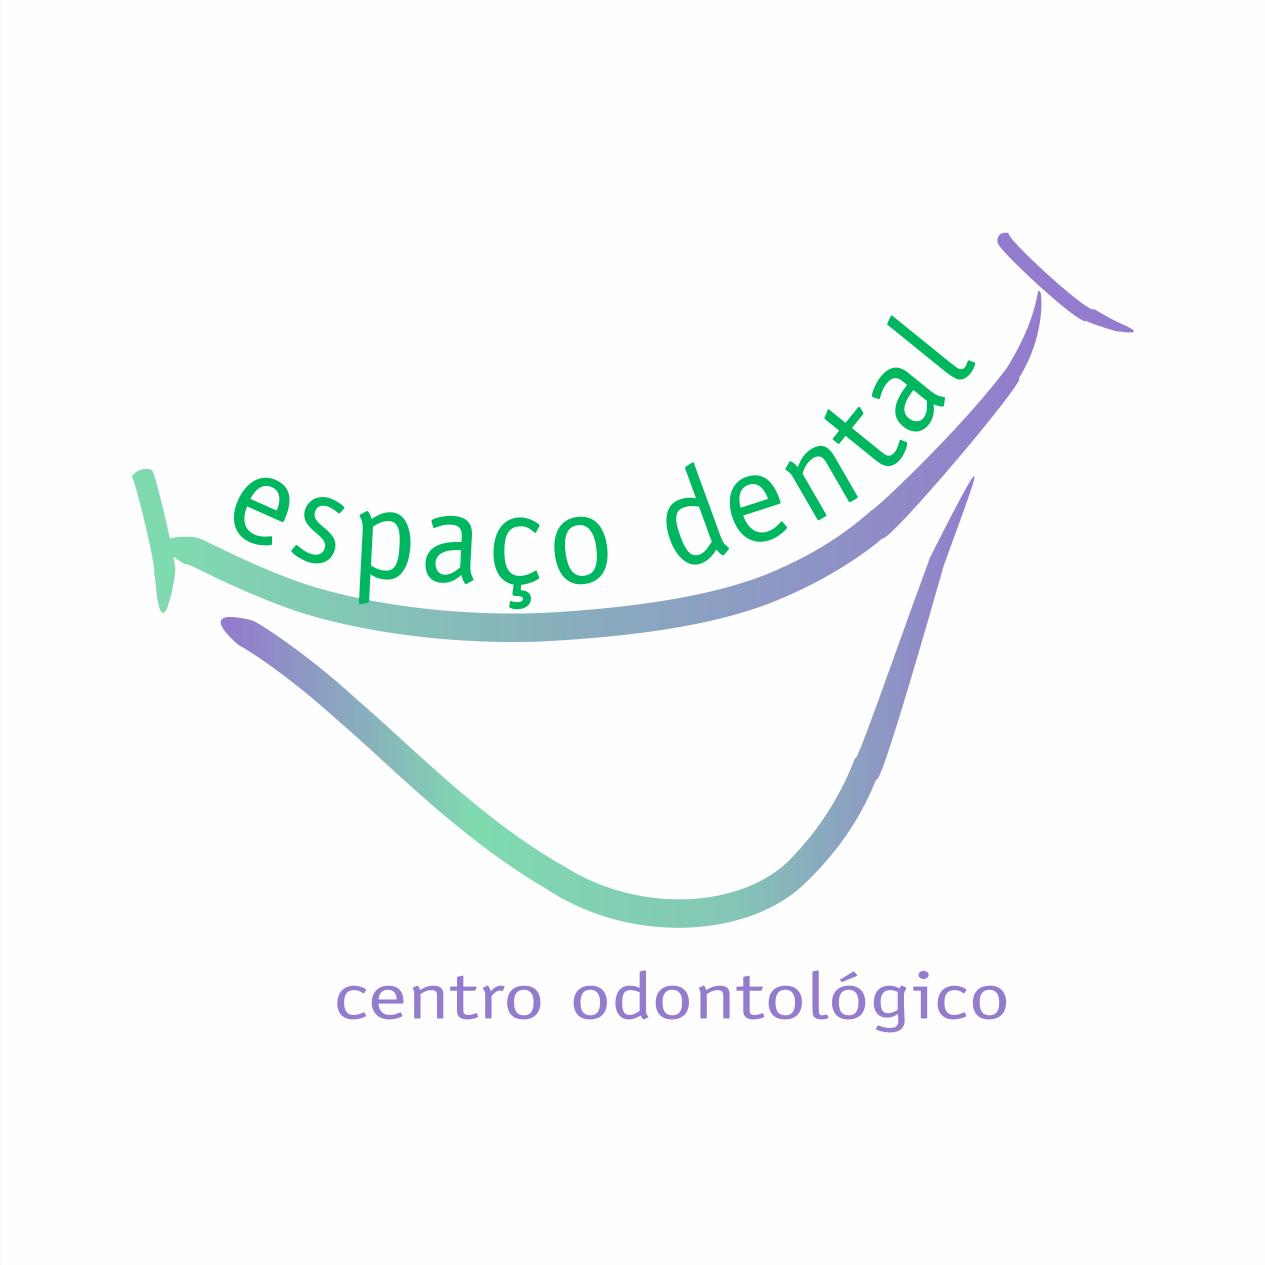 Espaço Dental